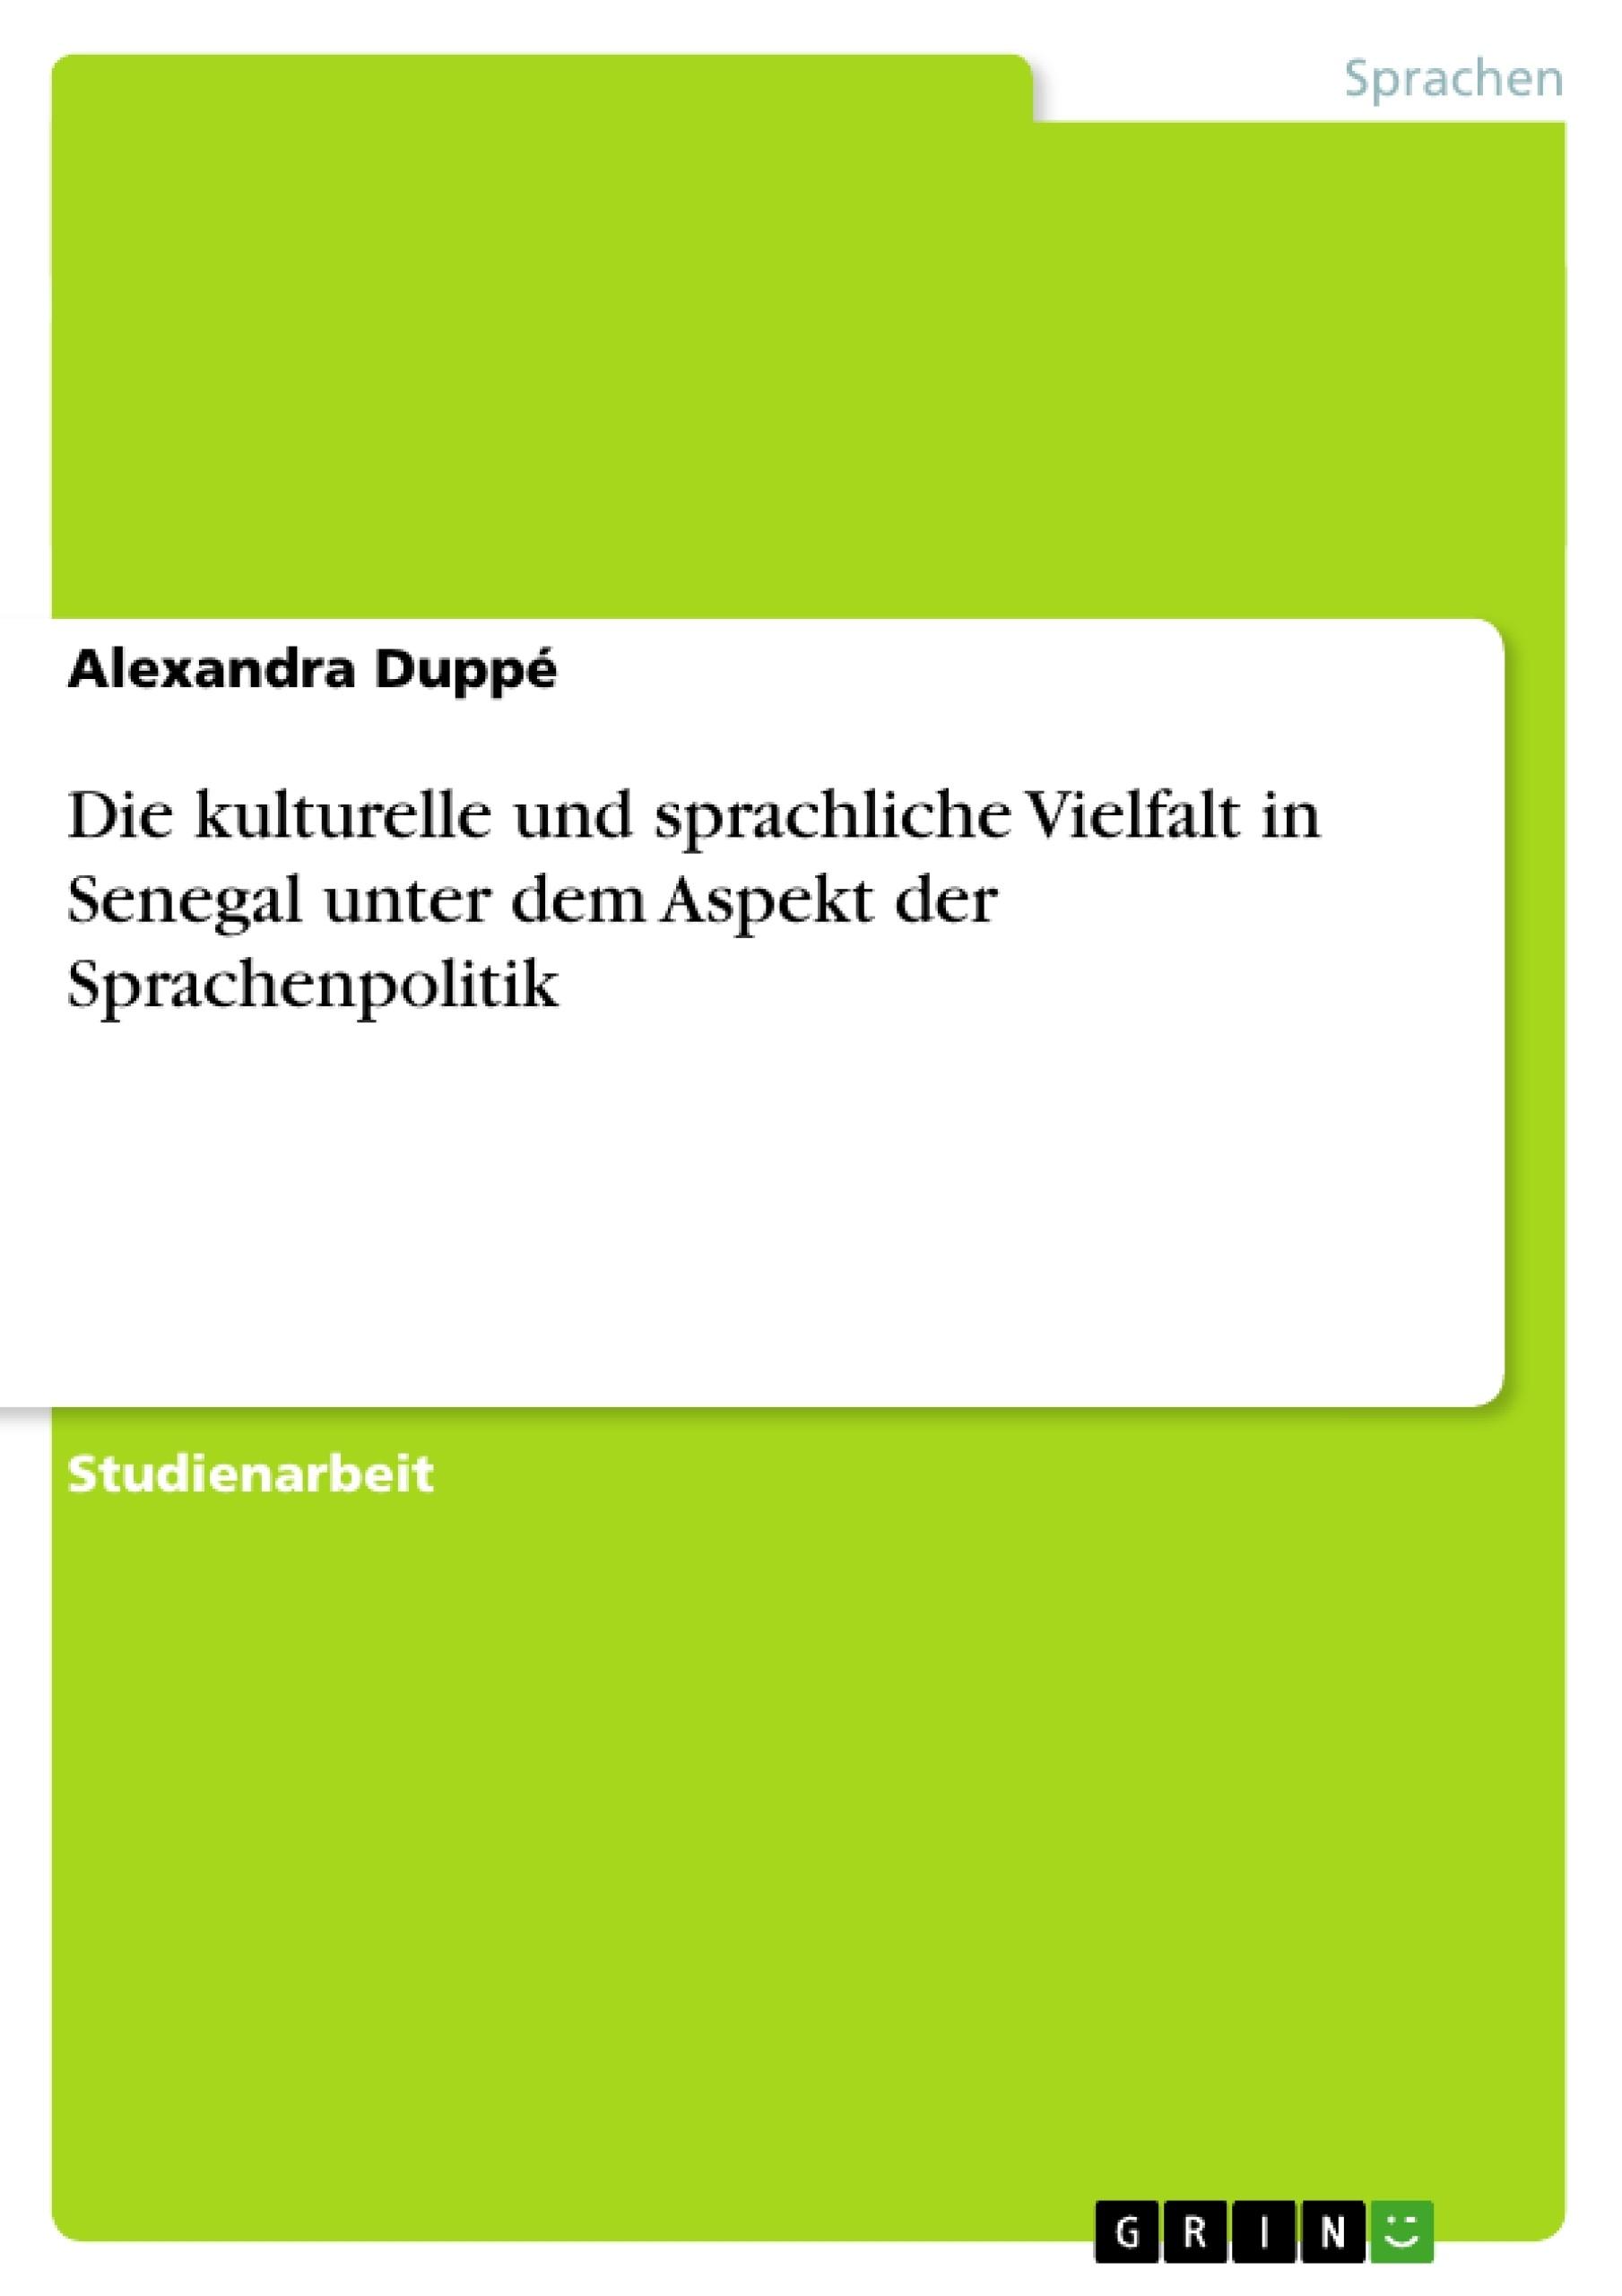 Titel: Die kulturelle und sprachliche Vielfalt in Senegal unter dem Aspekt der Sprachenpolitik